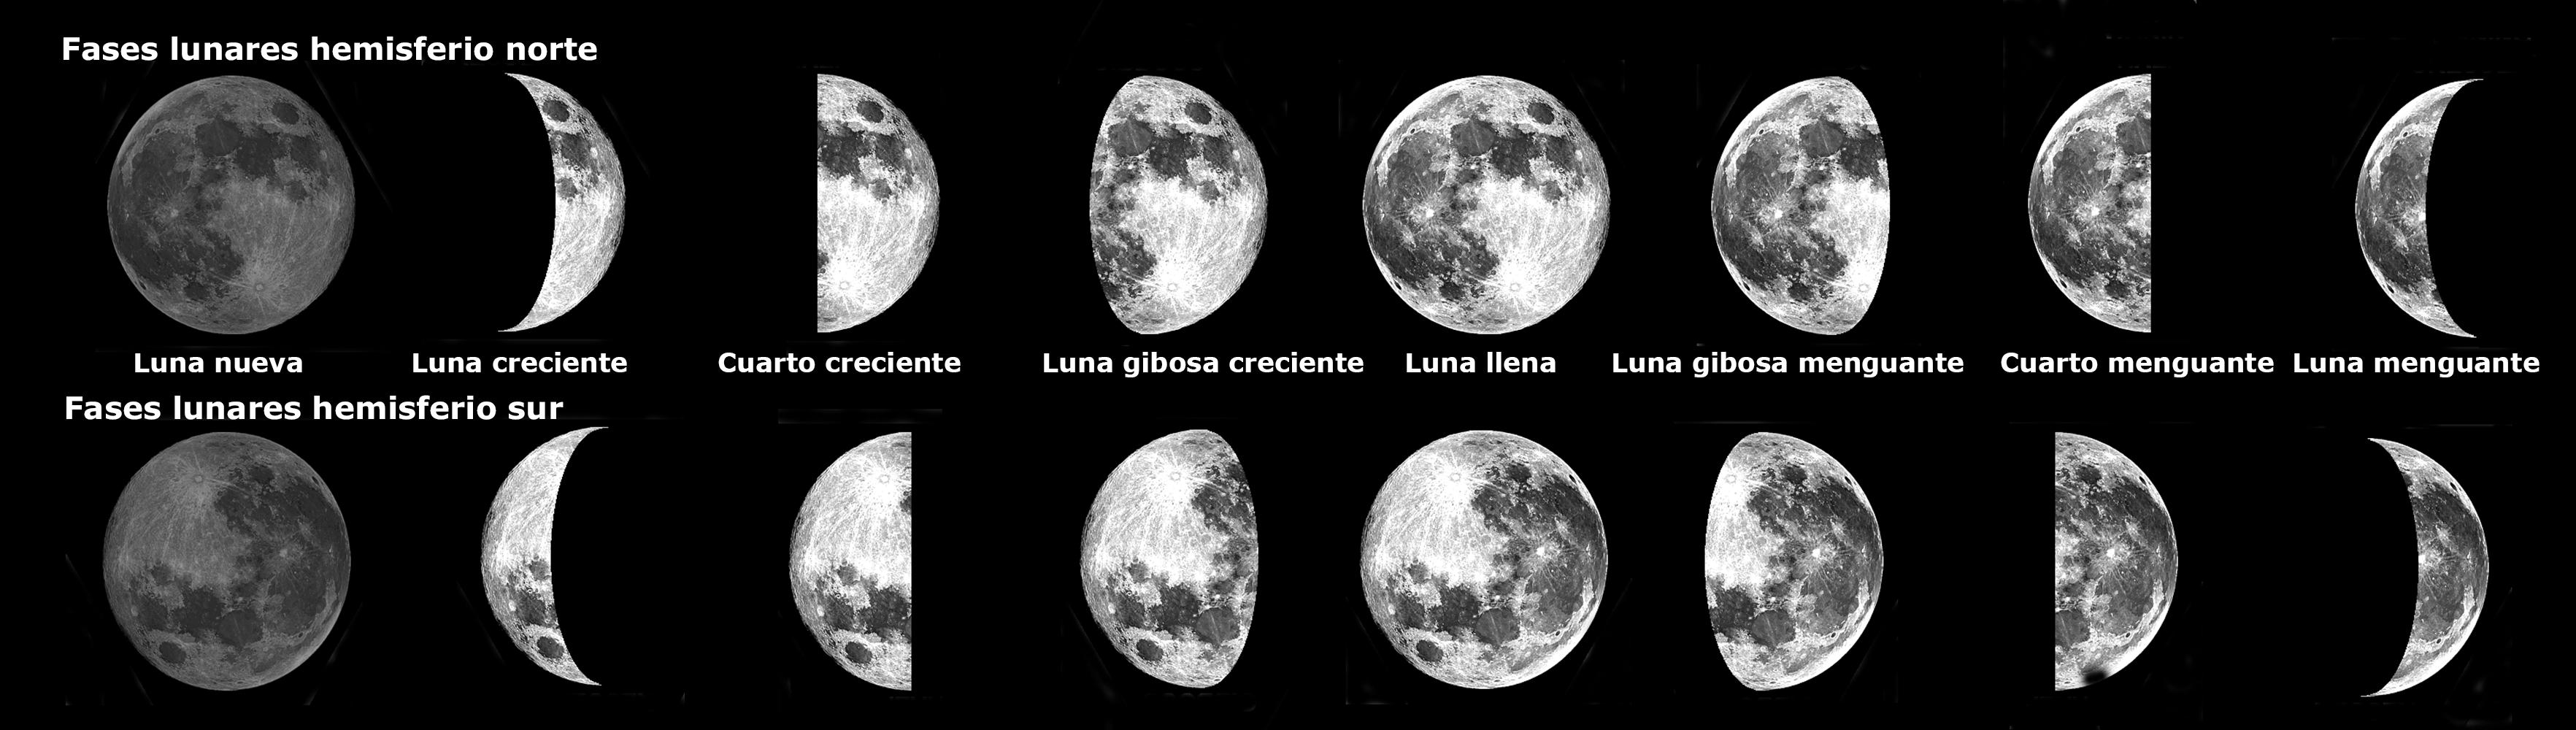 Fases lunares hemisferio norte y hemisferio sur